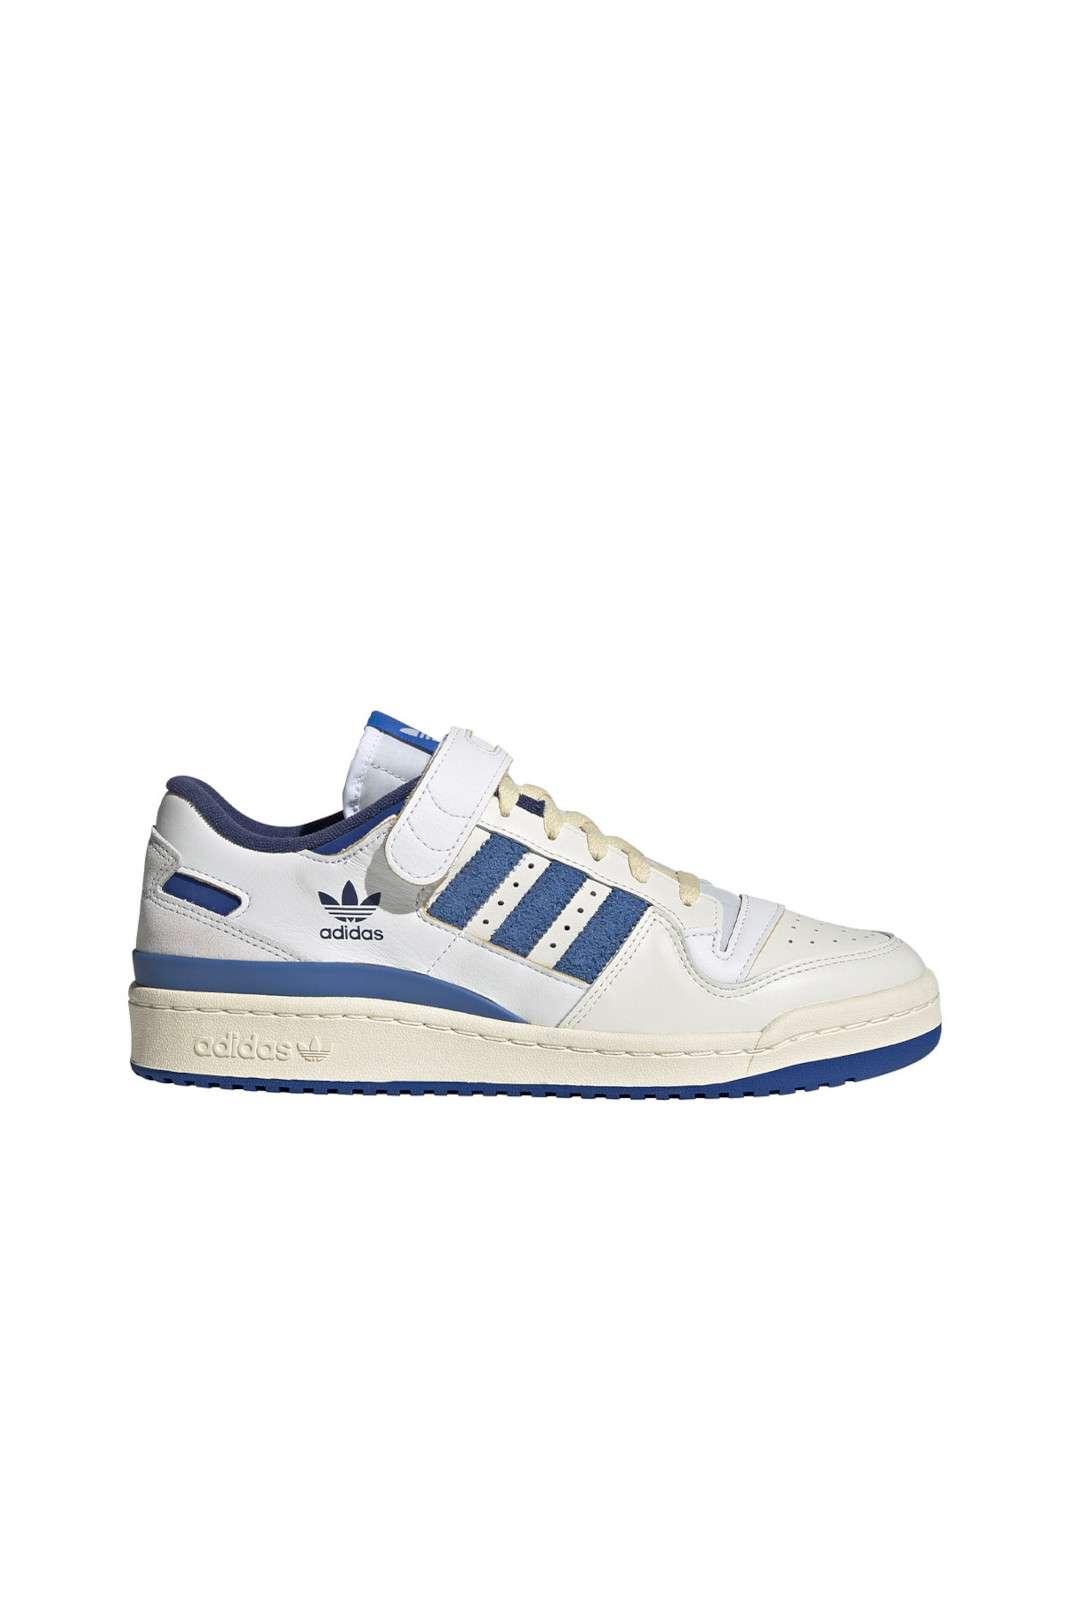 Una scarpa icona dello streetwear passato e attuale, le Adidas FORUM 84. Perfetta per outfit casual e versatili, che puntano tutto su stile e comfort, grazie alla tomaia in pelle premium e la soletta imbottita. Una garanzia in fatto di calzature.